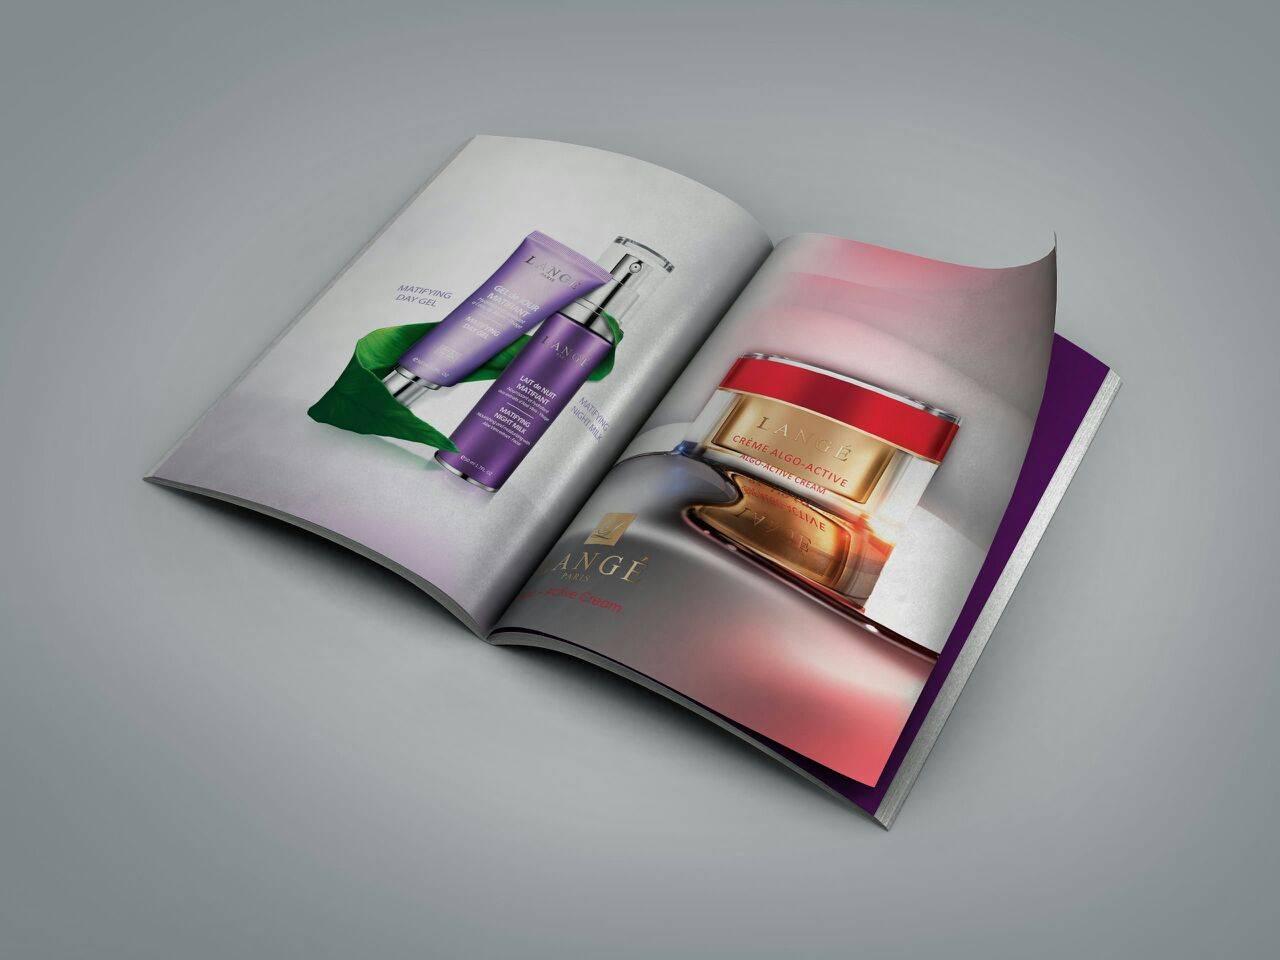 یک تصویر خوب در تبلیغات مجله ای به هزار کلمه می ارزد